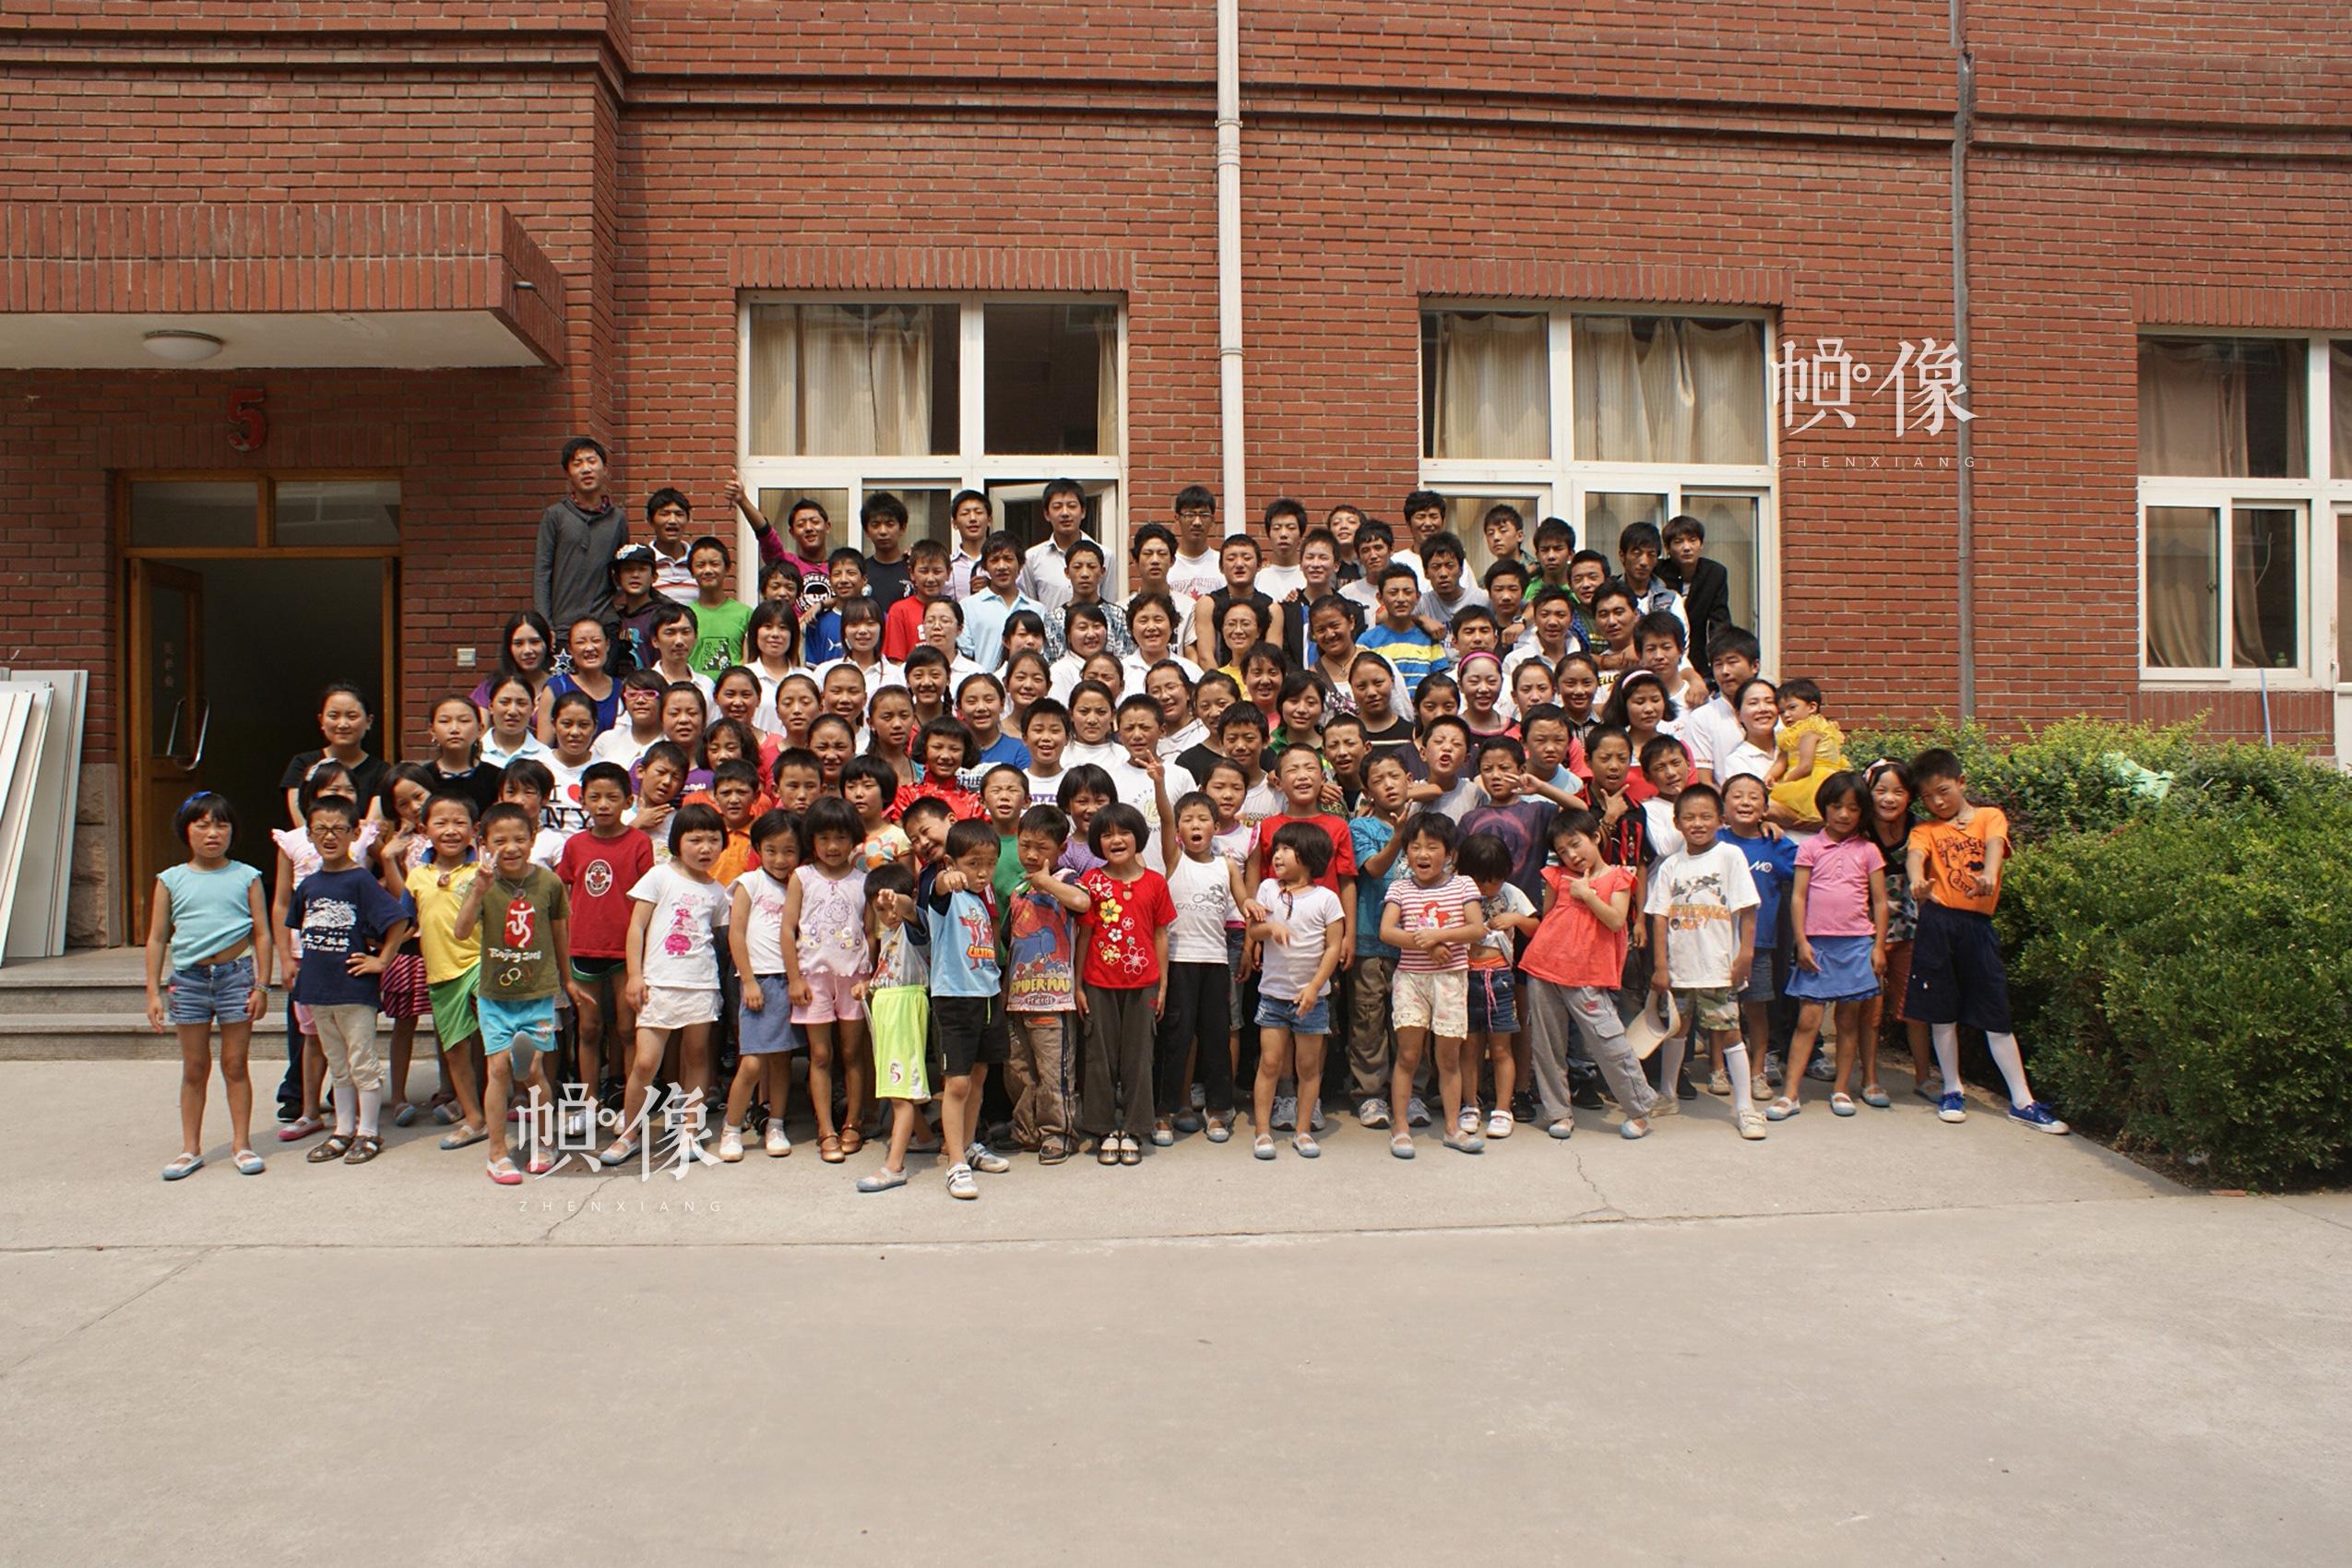 2010年,北京,从玉树灾区接到北京的102名儿童。(北京益童成长中心供图)